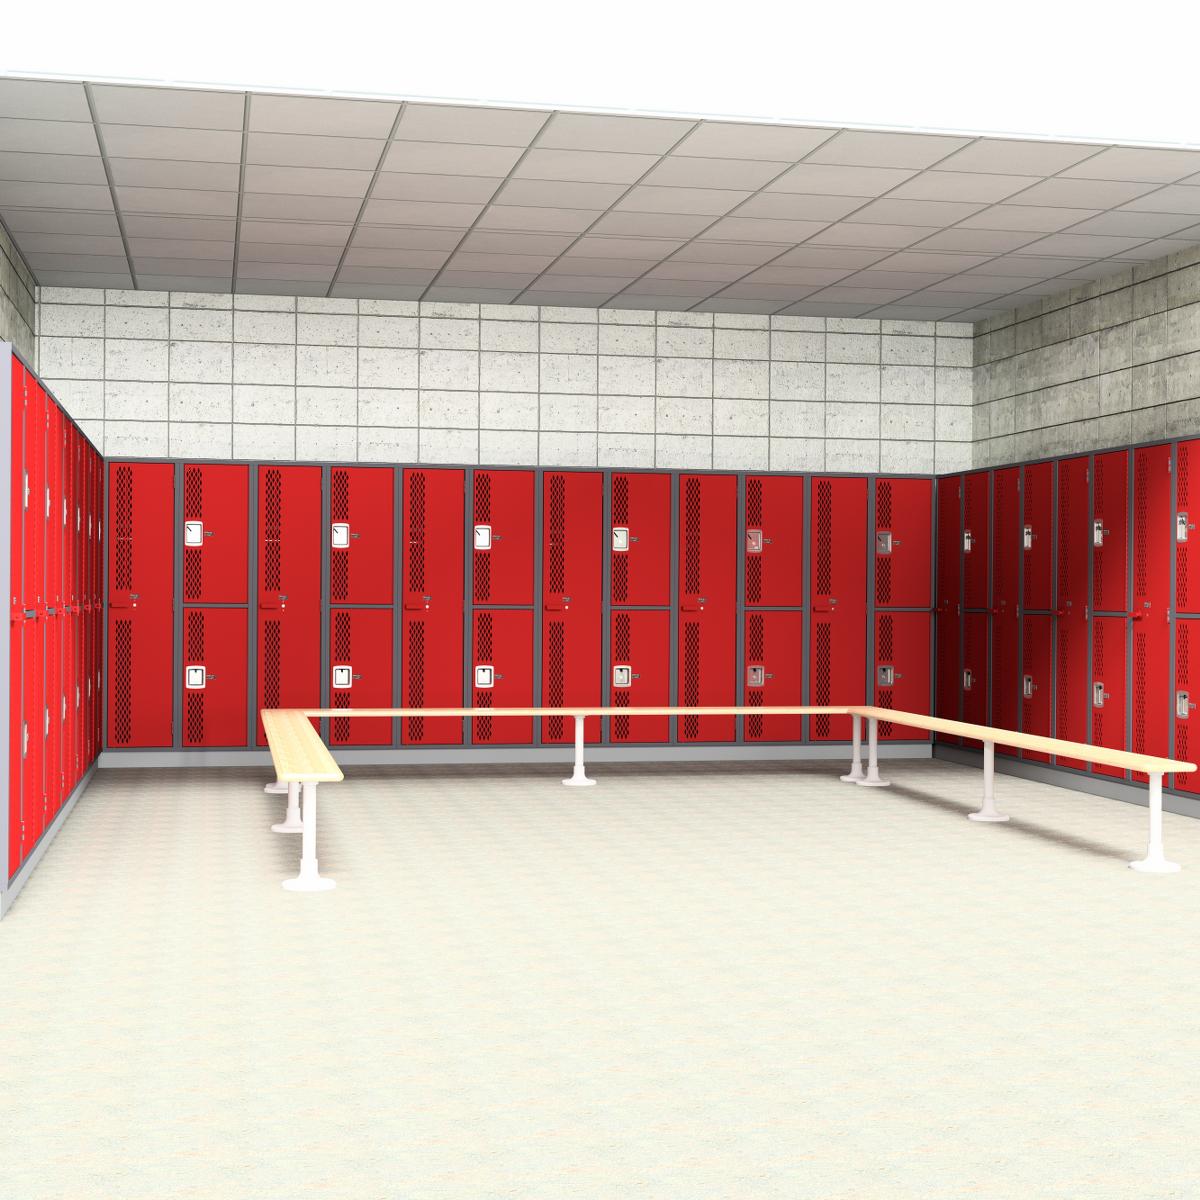 3 Locker Runs_1200x1200